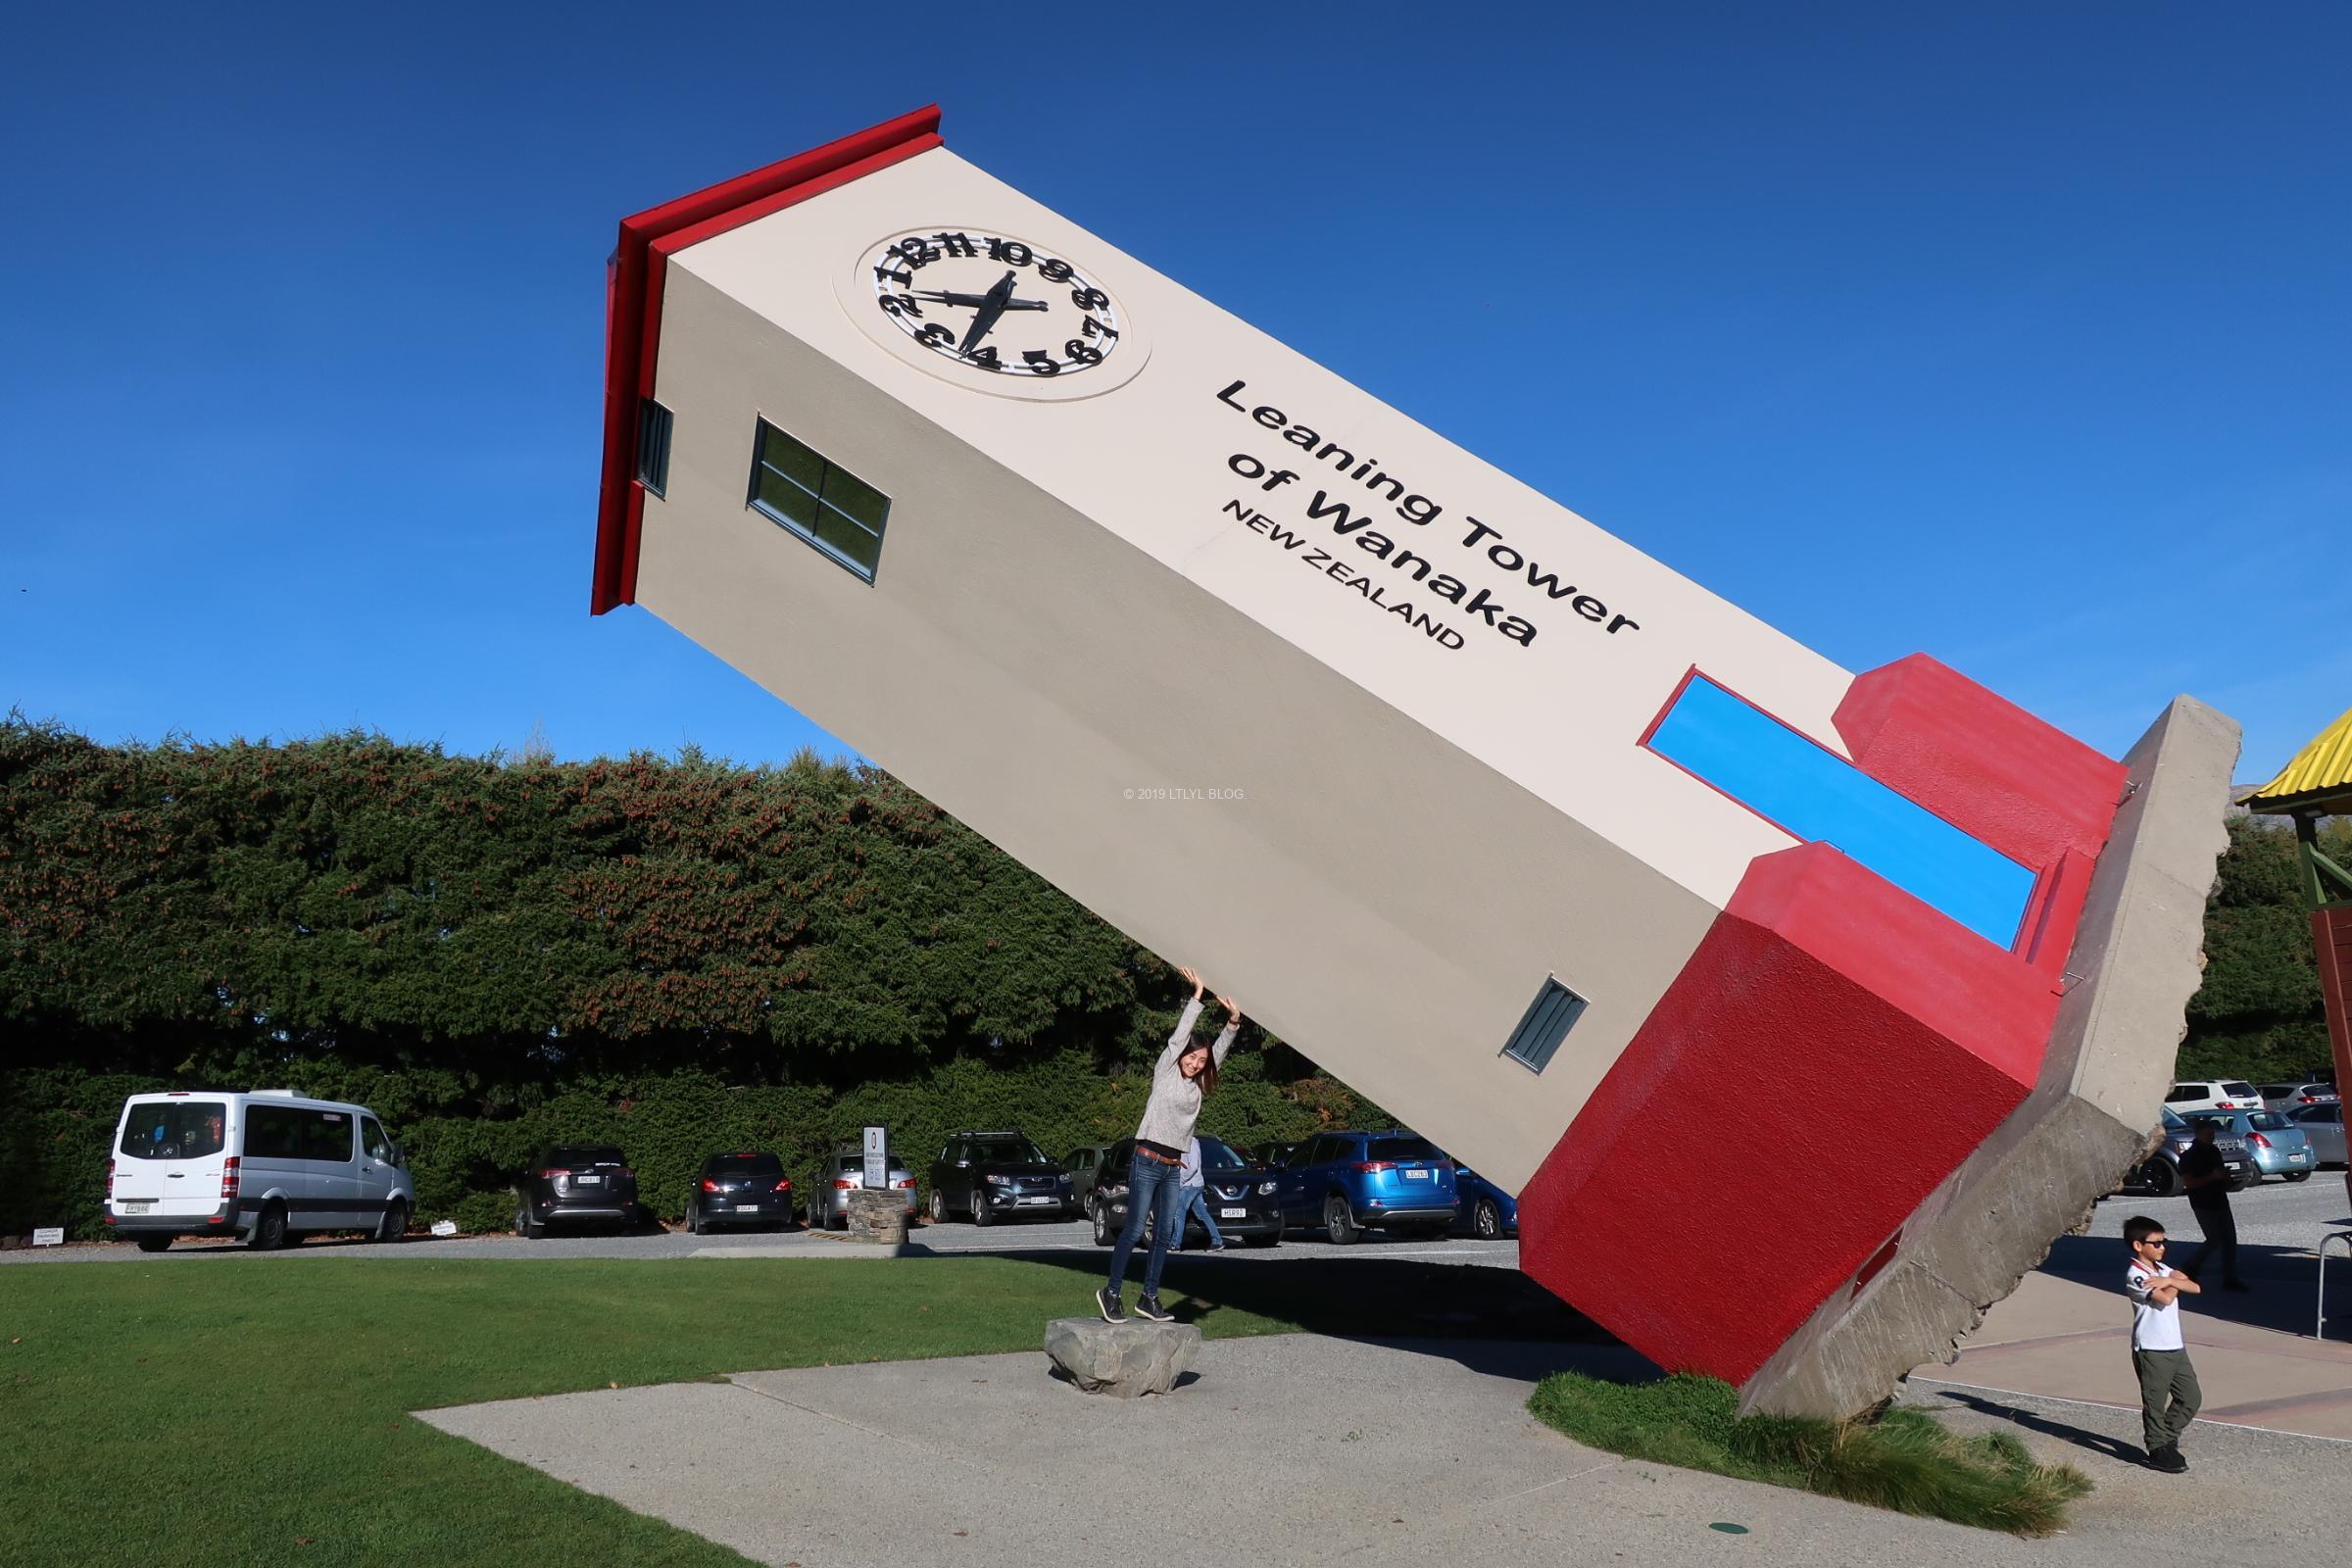 Puzzling Worldのエントランスにあるビルを持ち上げる私